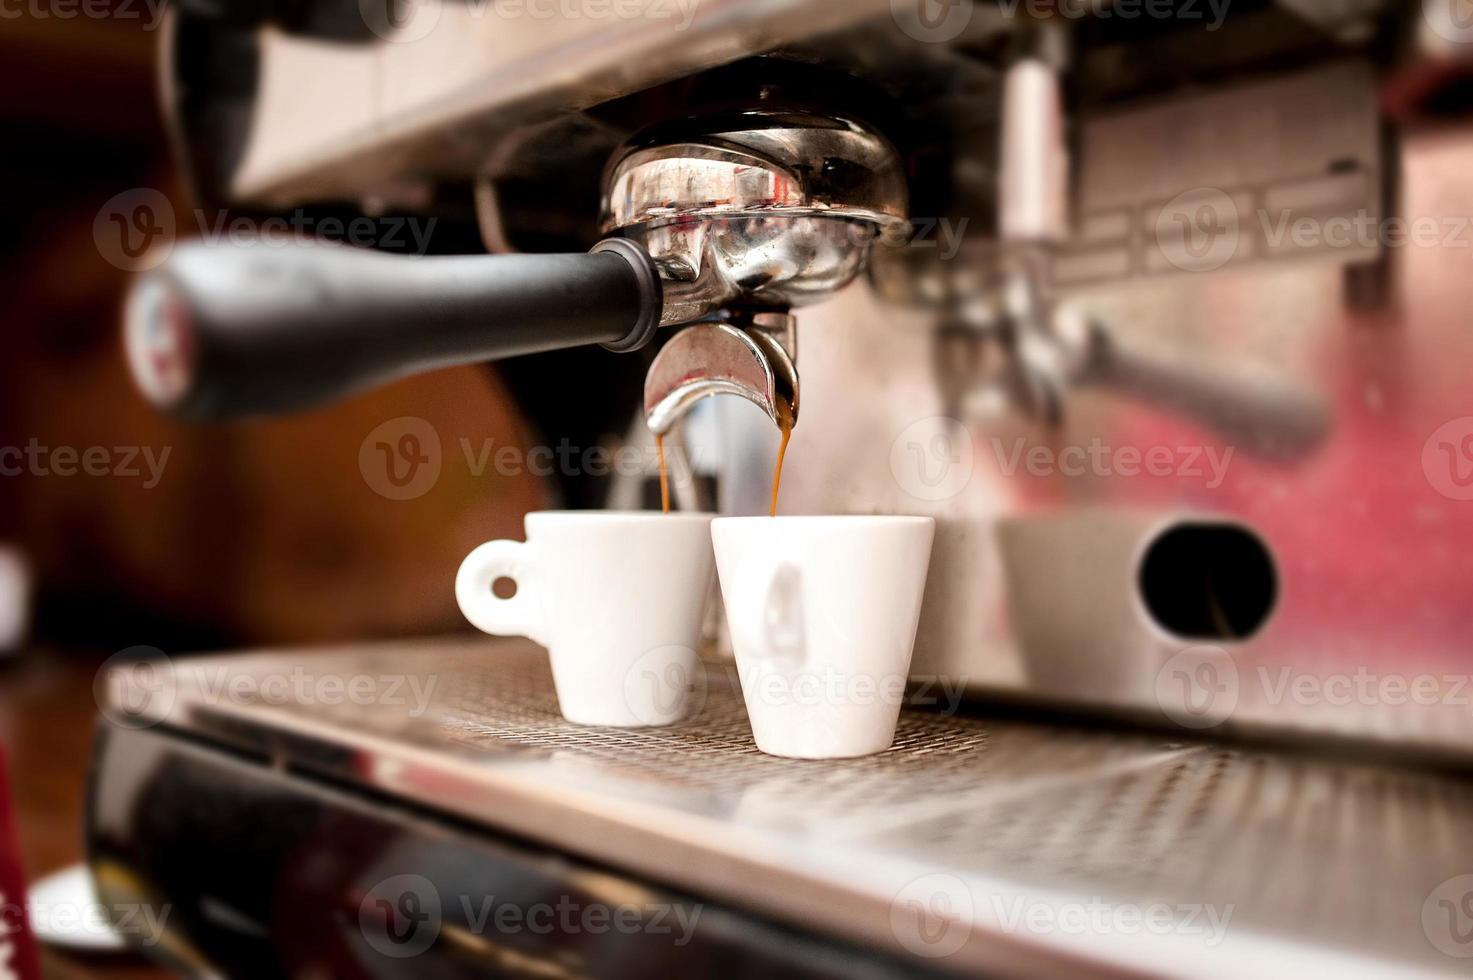 espresso machine gieten koffie in kopjes foto